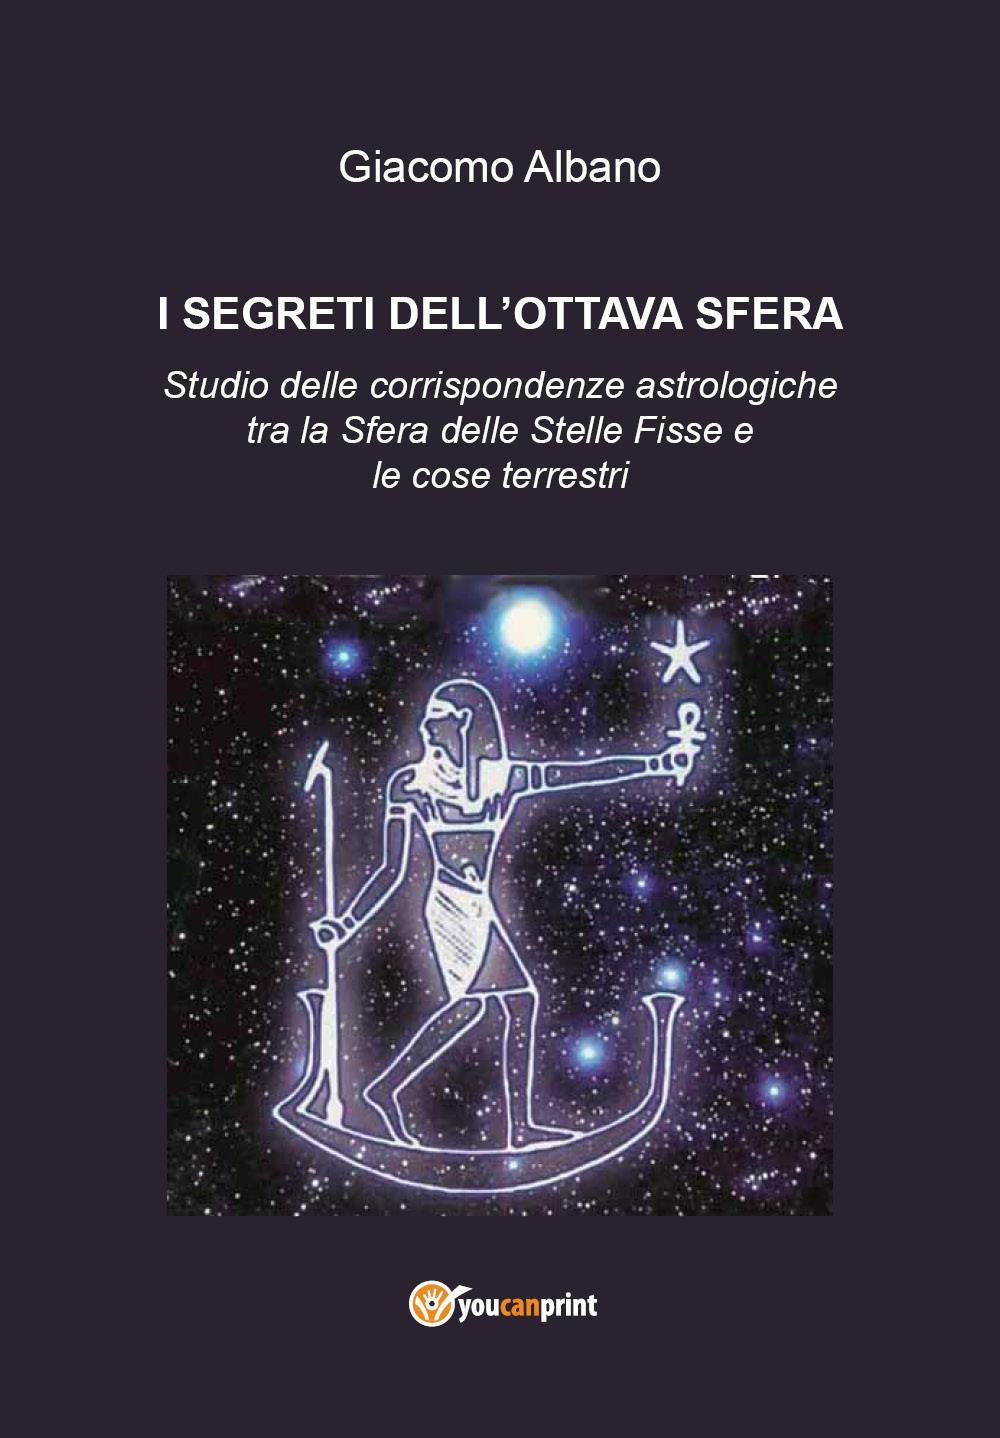 I SEGRETI DELL'OTTAVA SFERA  Studio delle corrispondenze astrologiche tra la Sfera delle Stelle Fisse e le cose terrestri